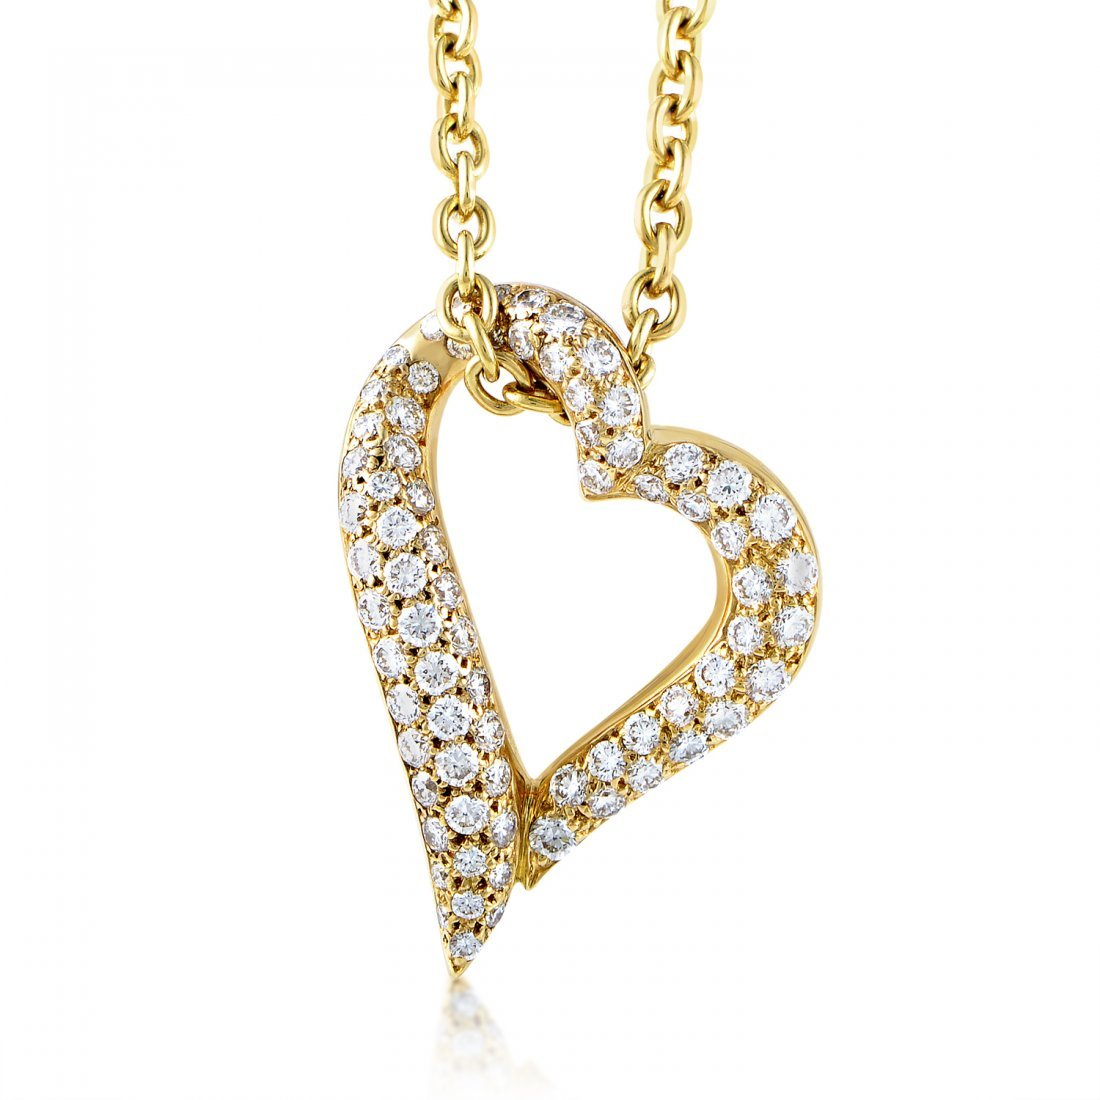 Boucheron 18K Yellow Gold Diamond Heart Pendant